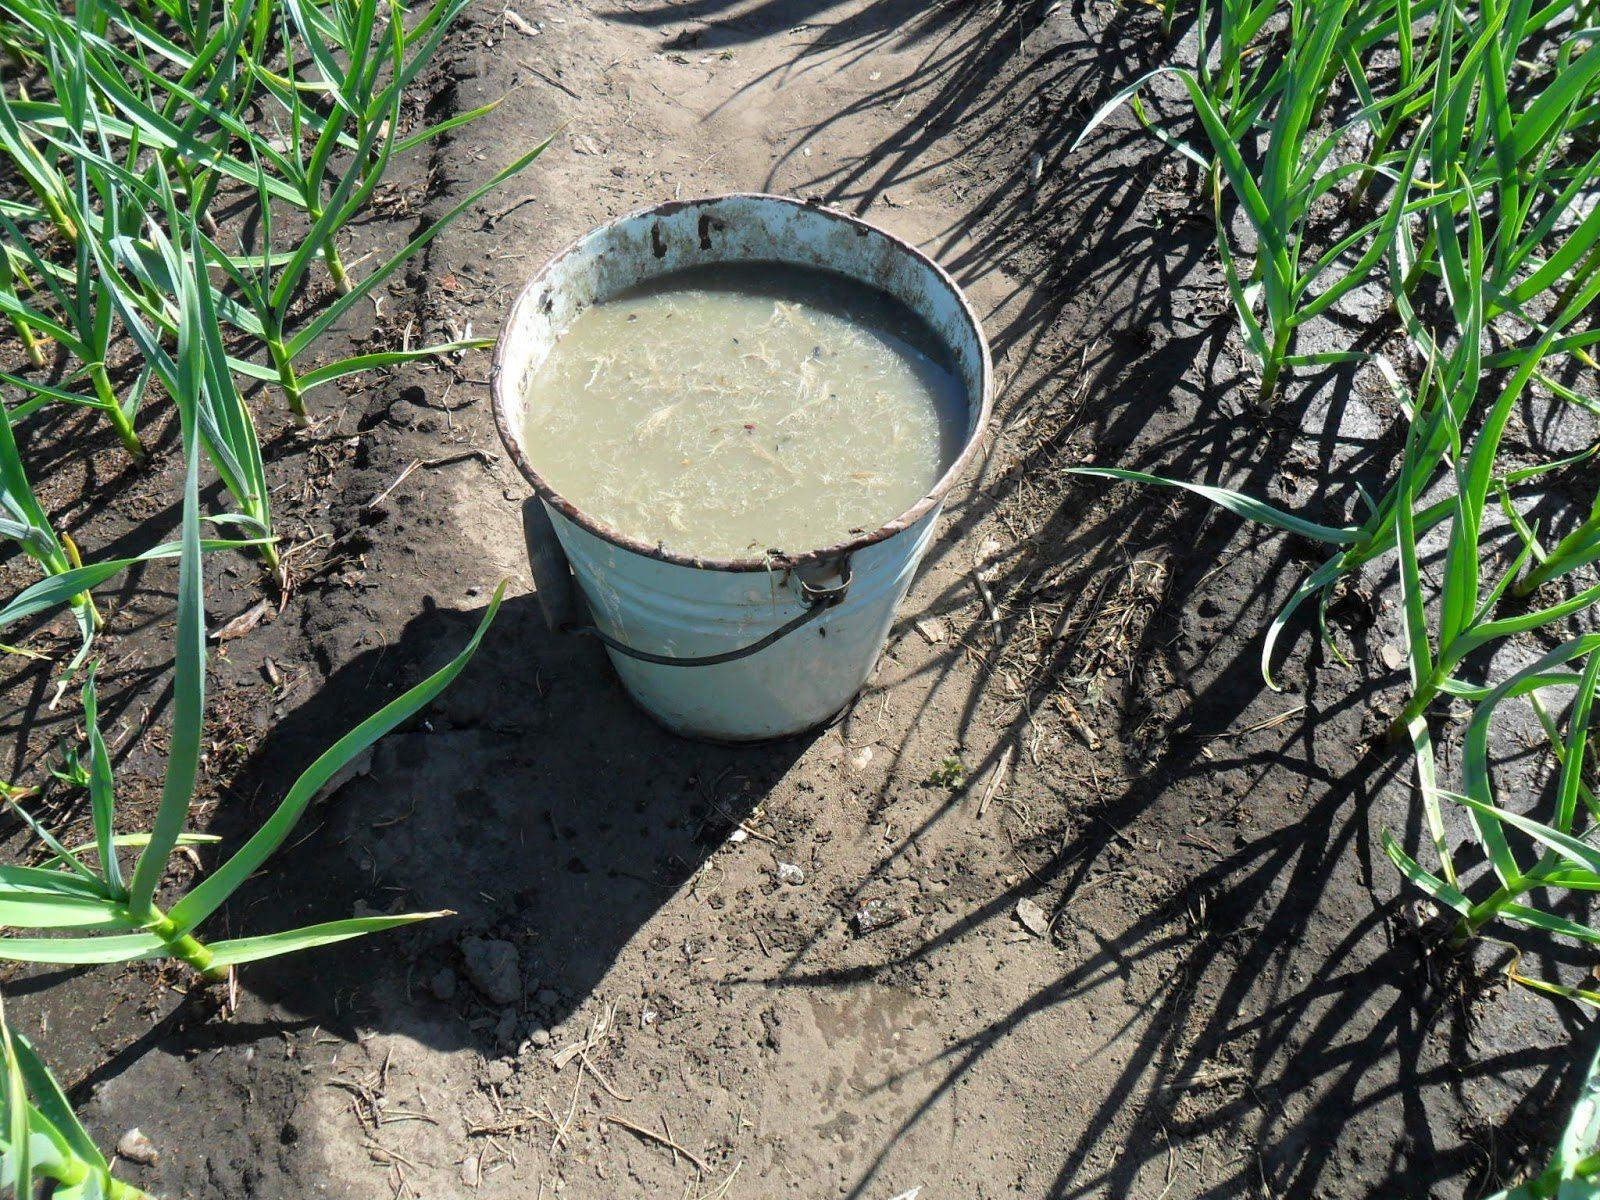 Подкормка огурцов в теплице: как осуществлять